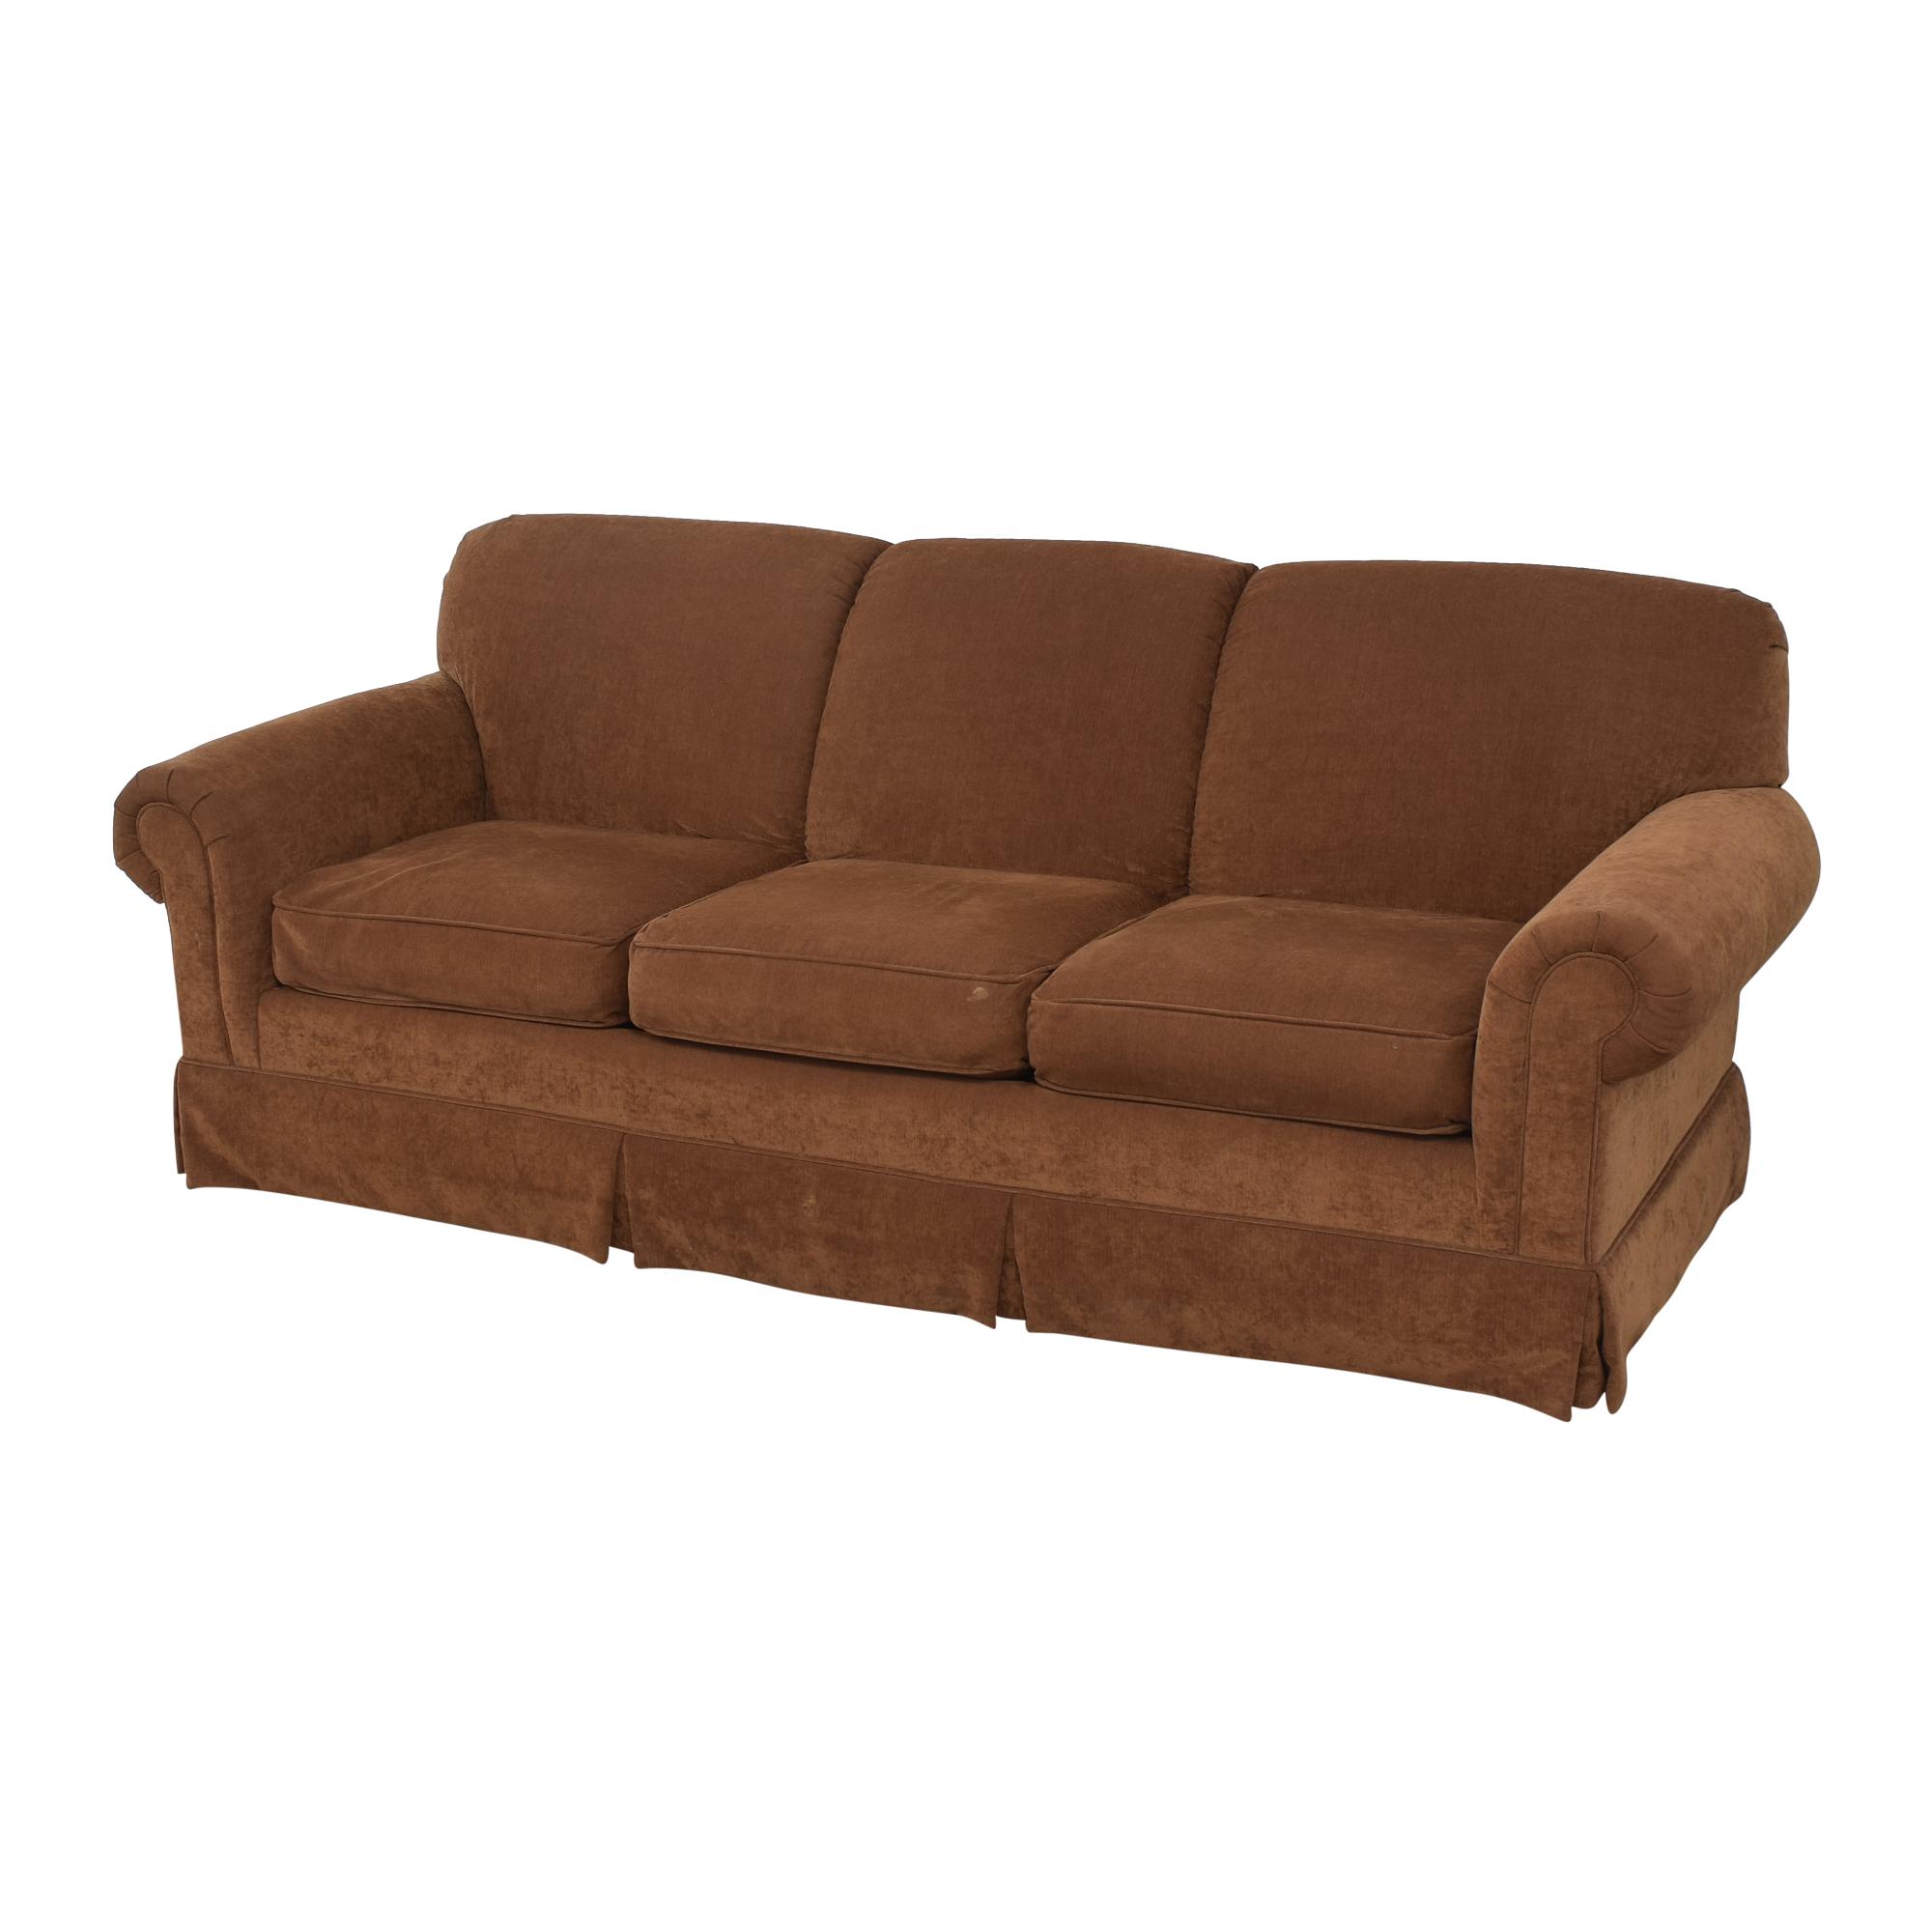 Thomasville Thomasville Lancaster Sofa on sale